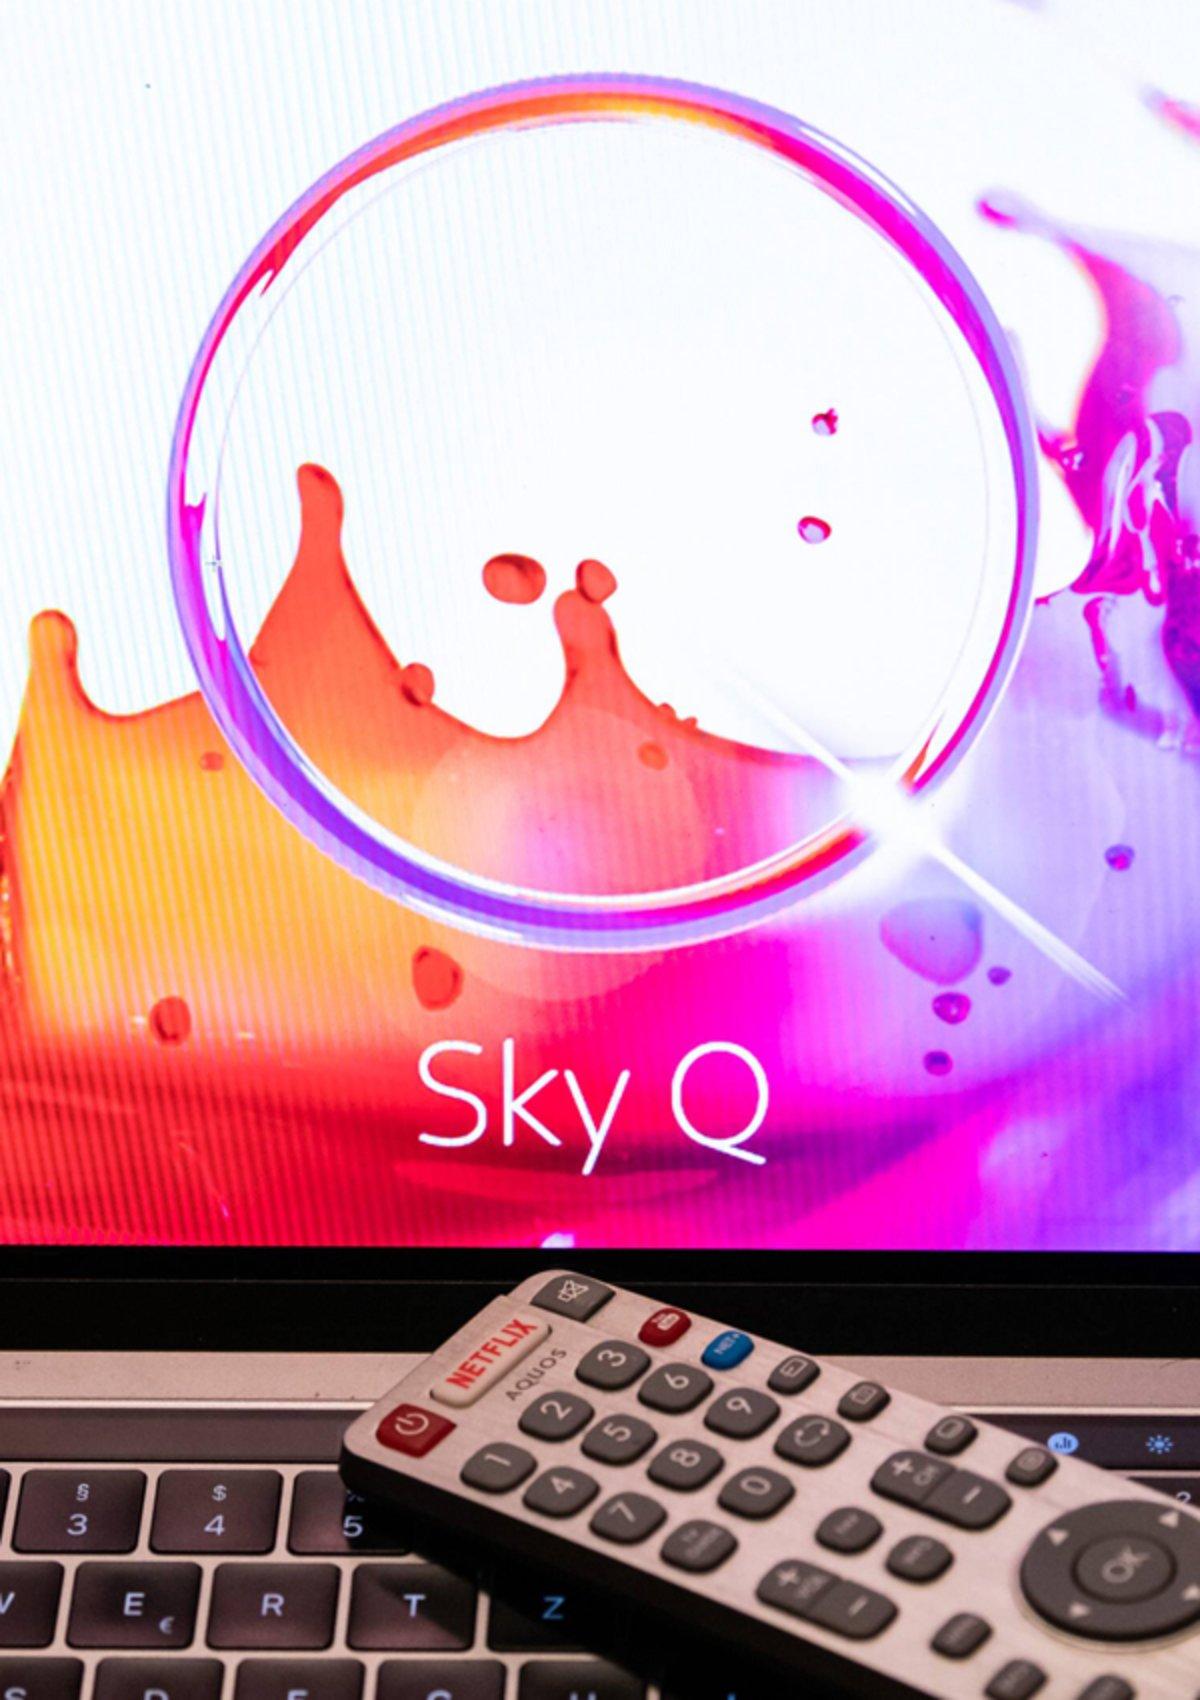 Preis-Hammer zum Black Friday: Sky Q buchen und Samsung Galaxy Tablet gratis bekommen